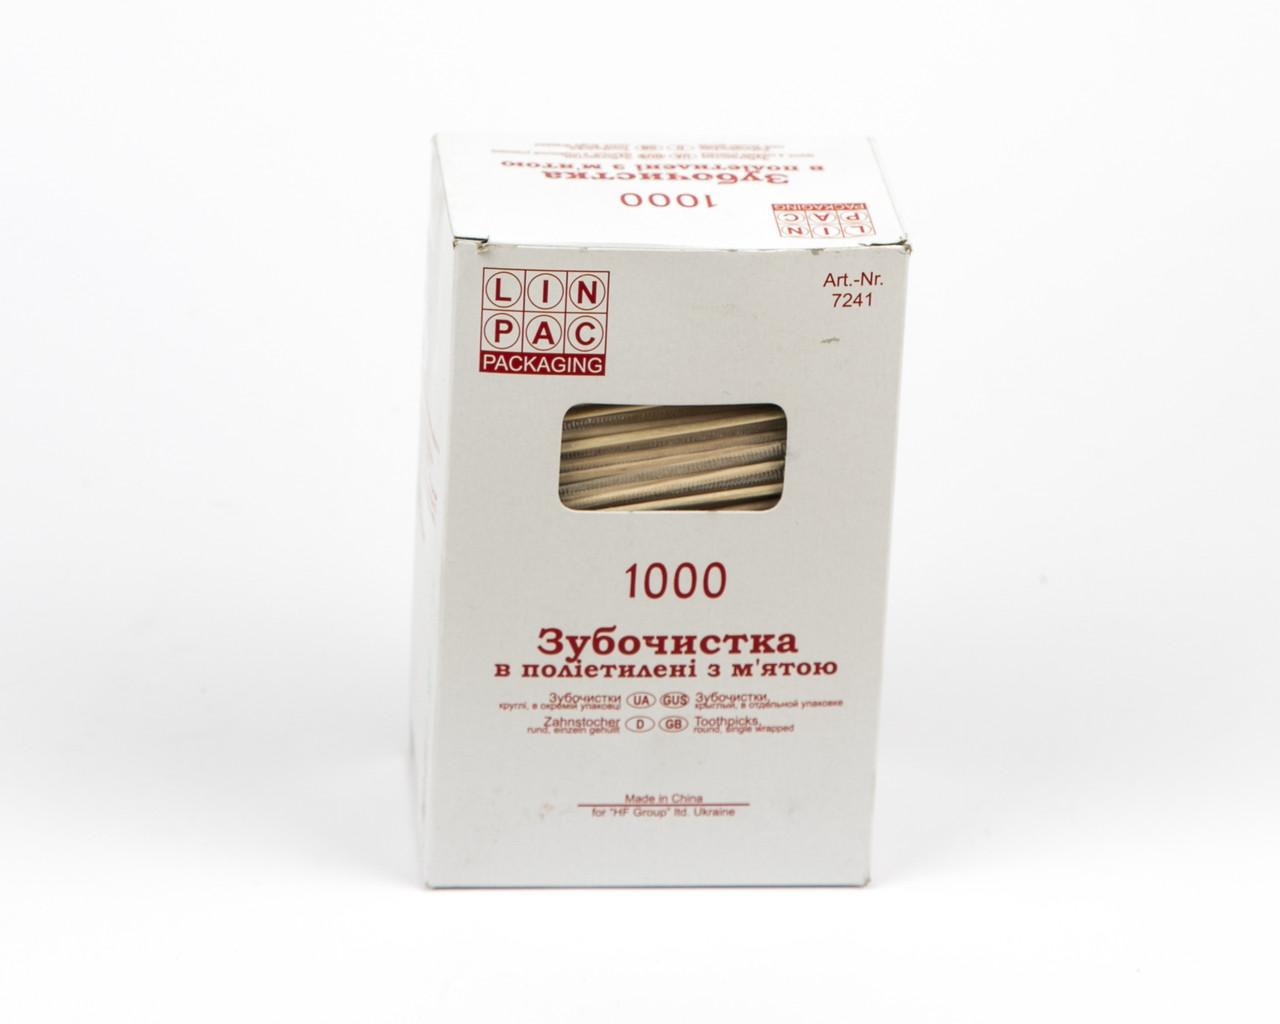 Зубочистки в індівідуальній поліетіленовій упаковці, мята, 1000 шт.